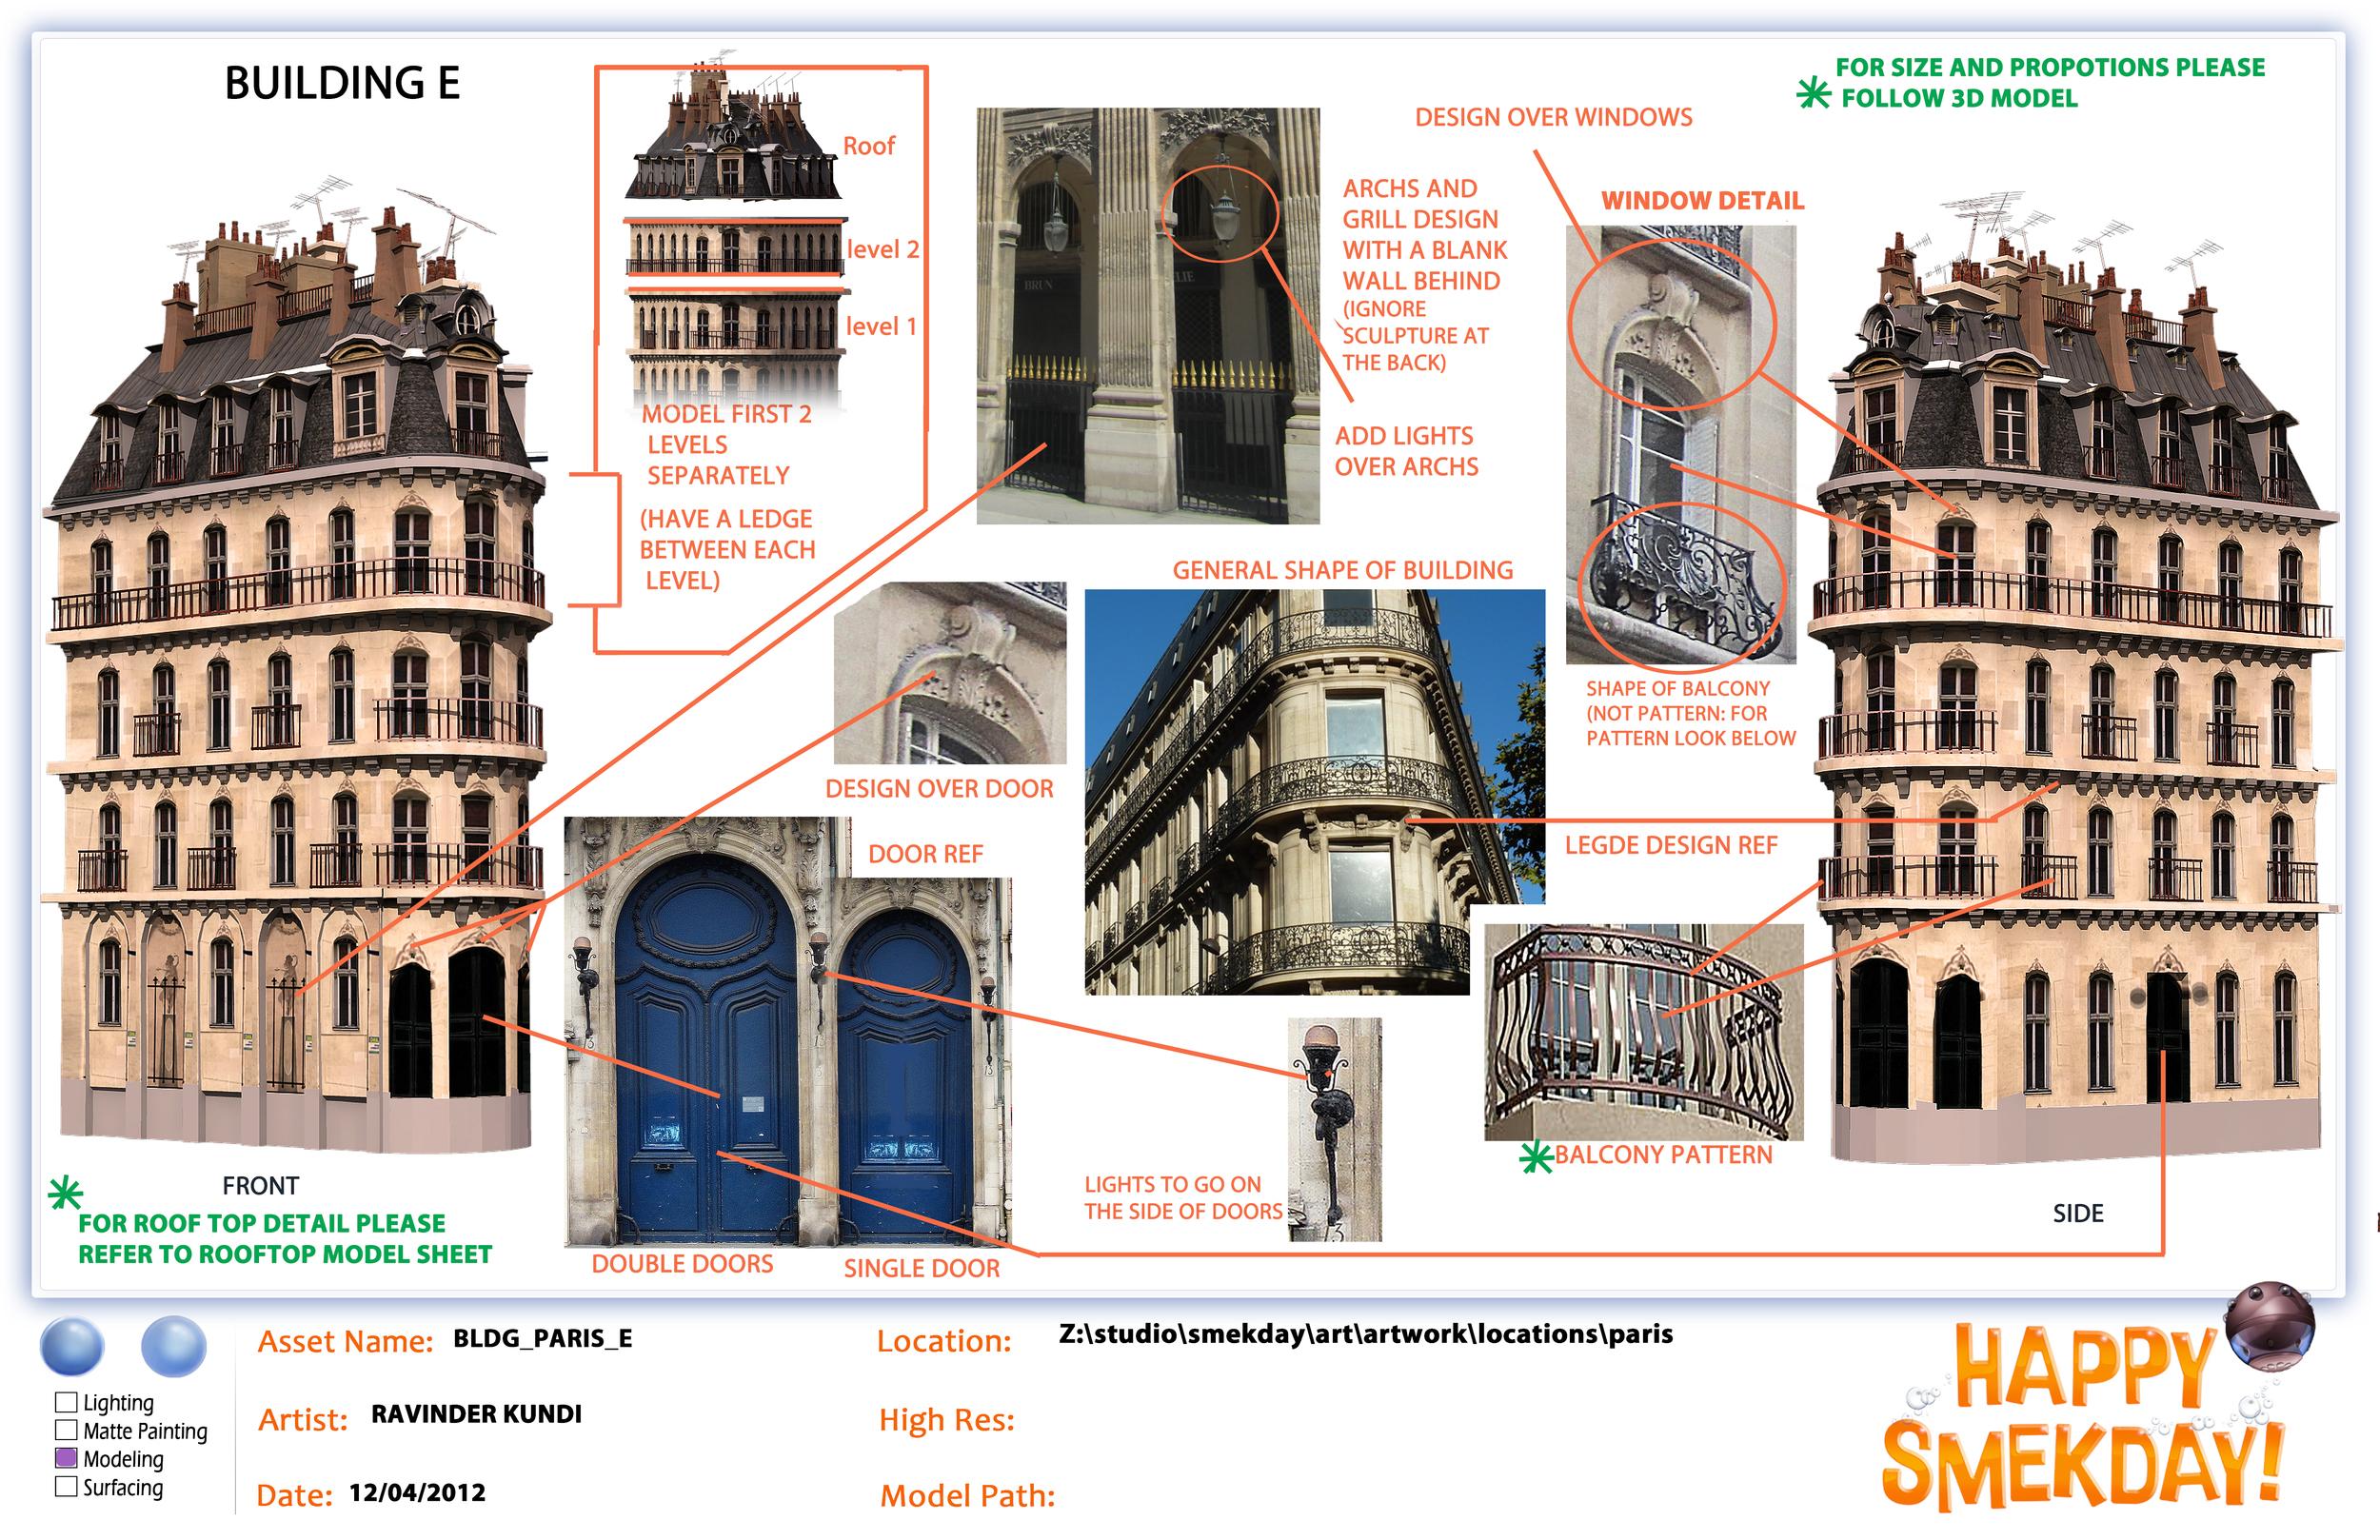 building_E_detail_01.jpg